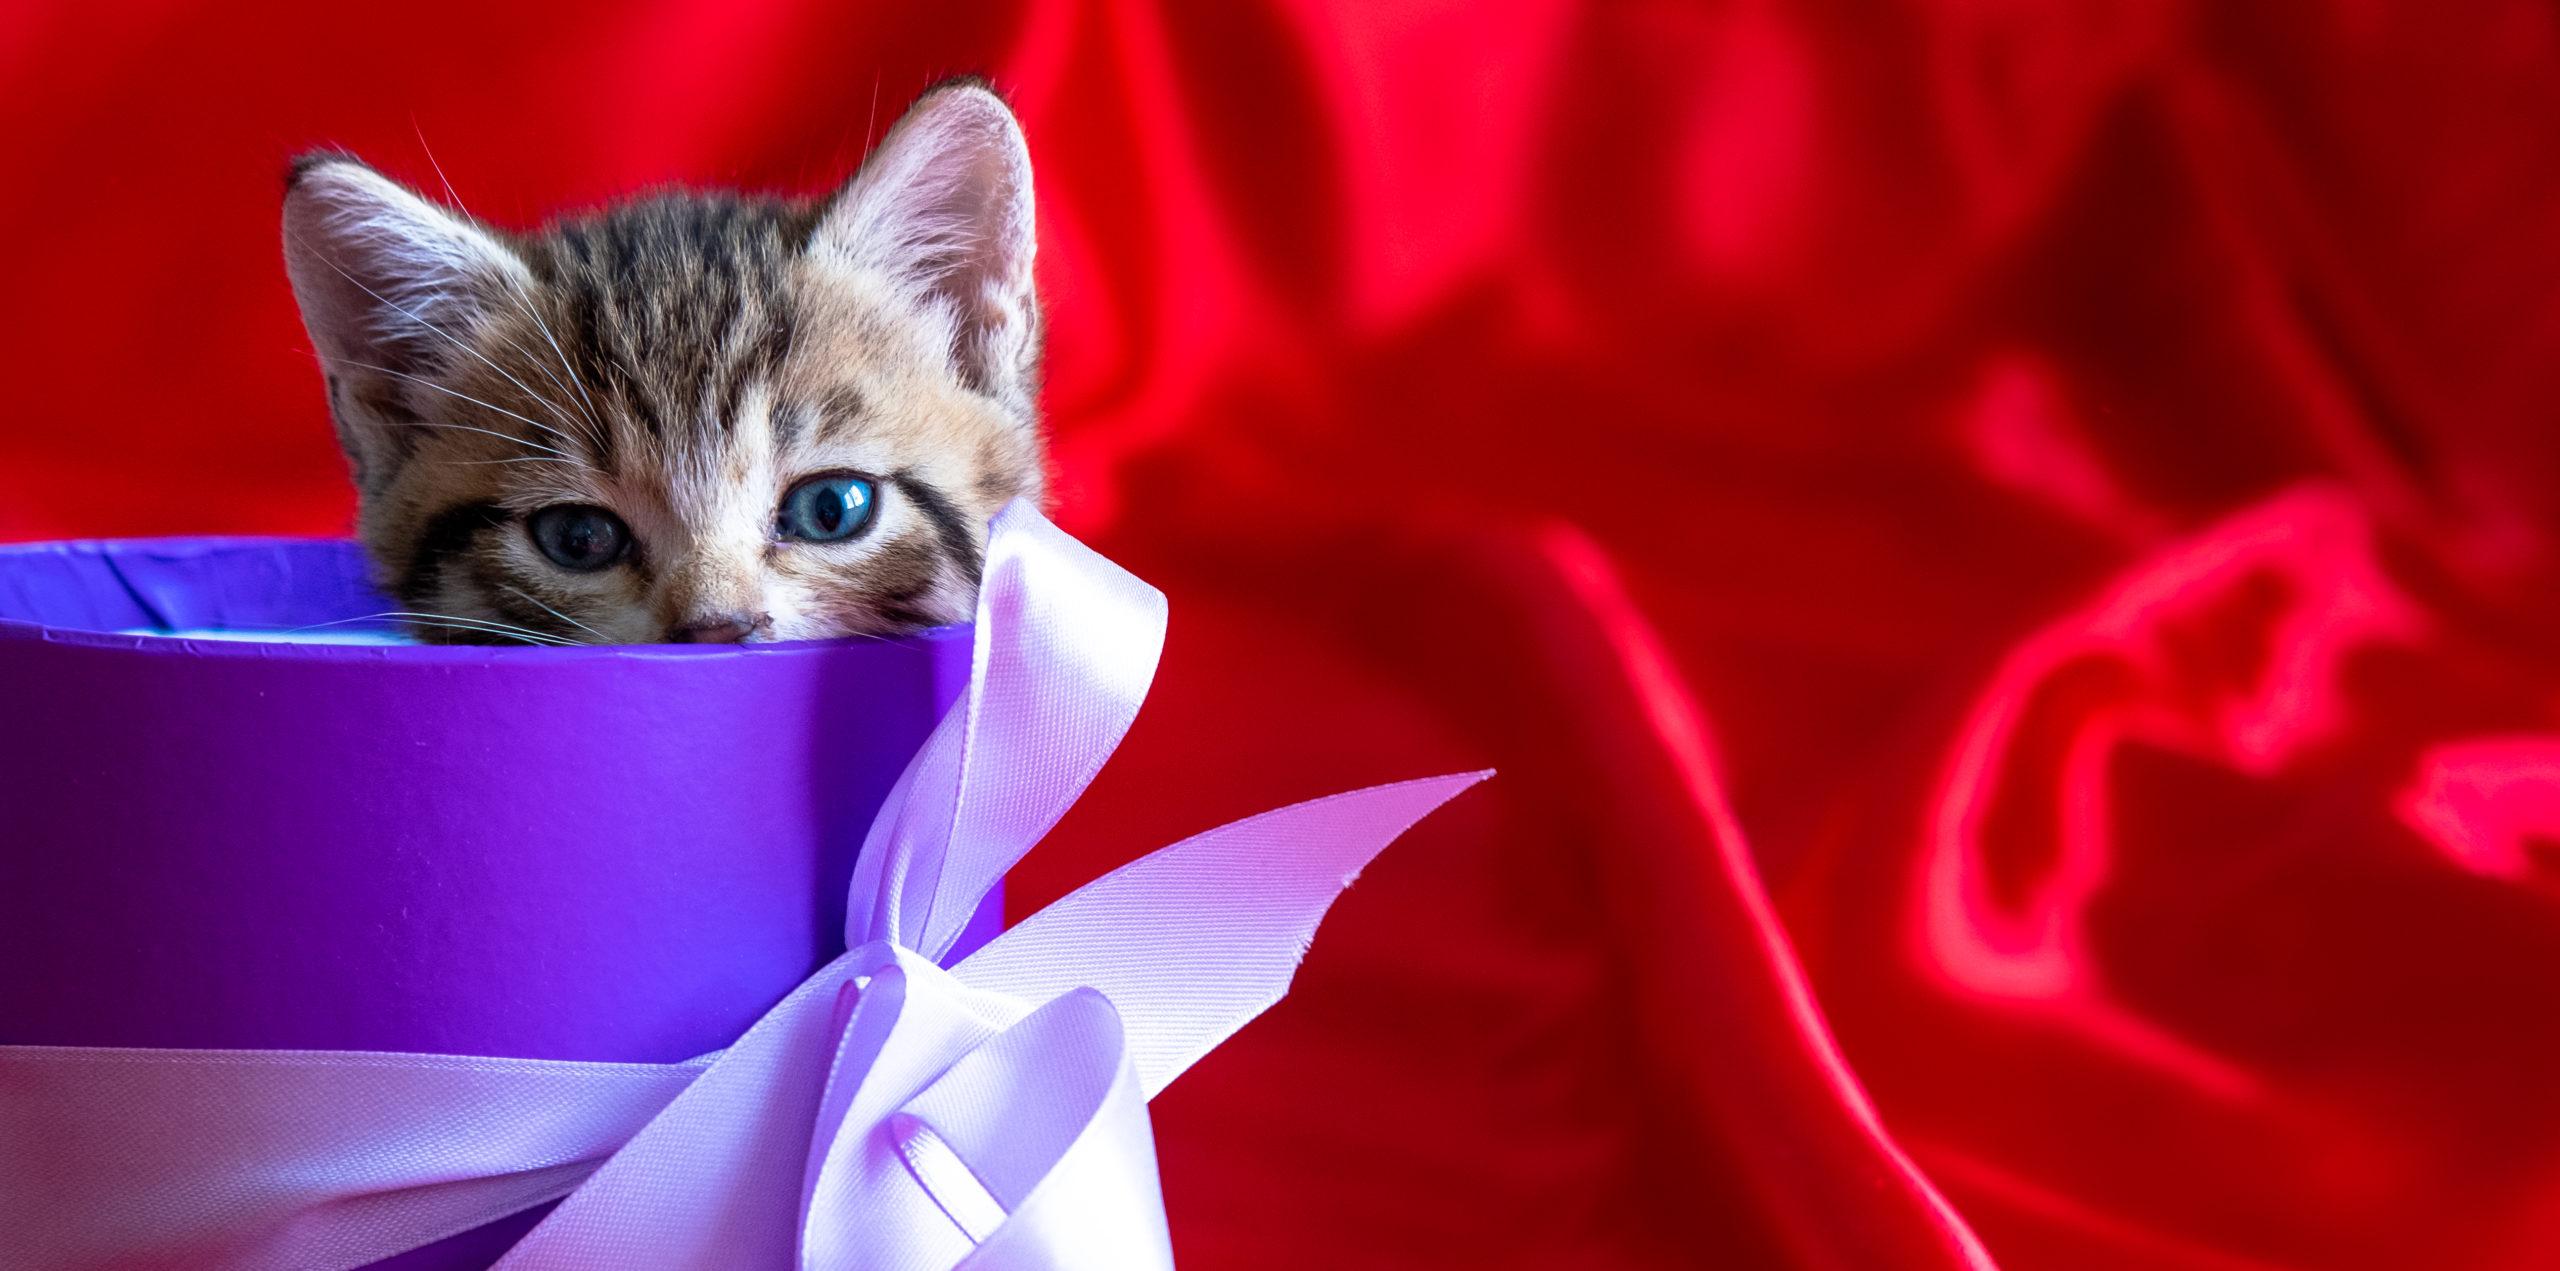 猫の首輪リボン付きのおすすめ10選!4匹と暮らしているボクが厳選